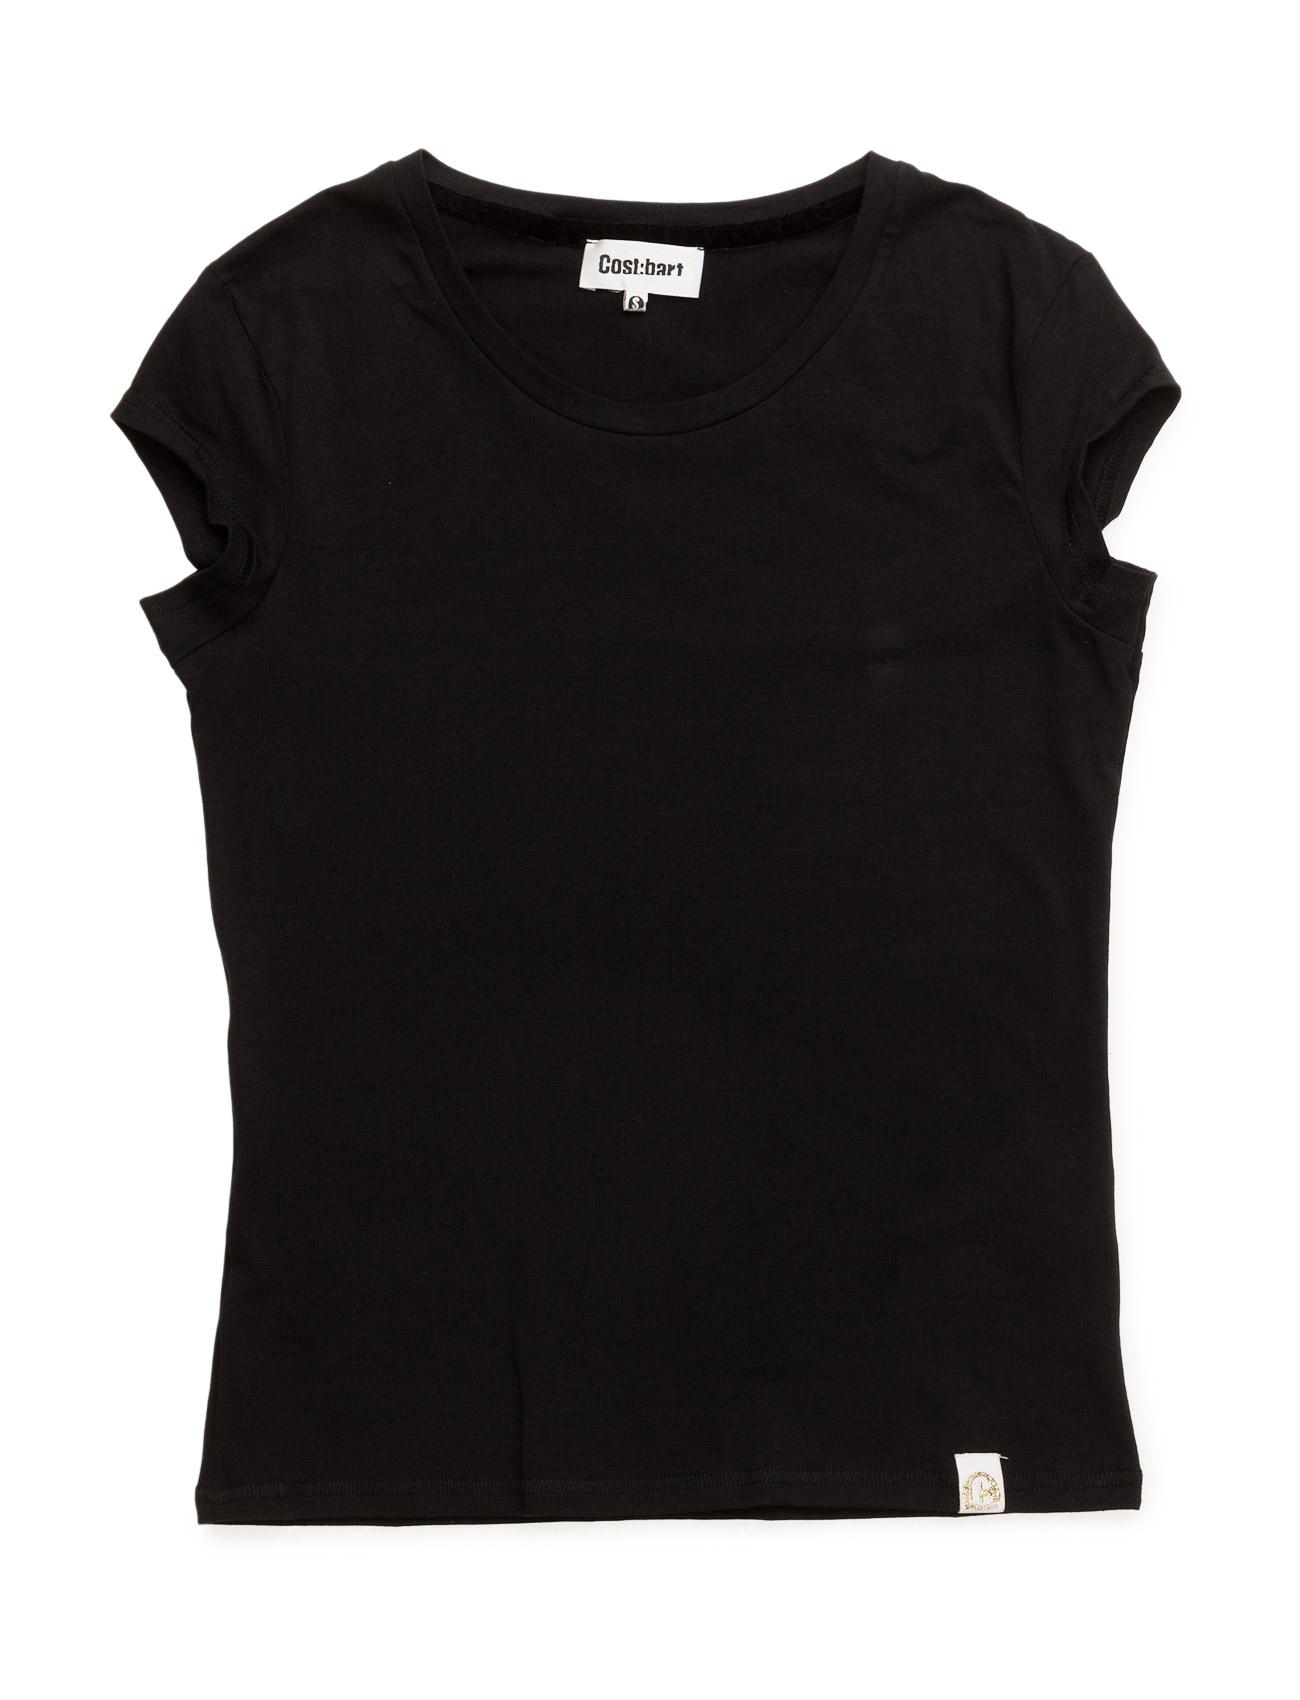 Ana T-Shirt CostBart Kortærmede t-shirts til Børn i